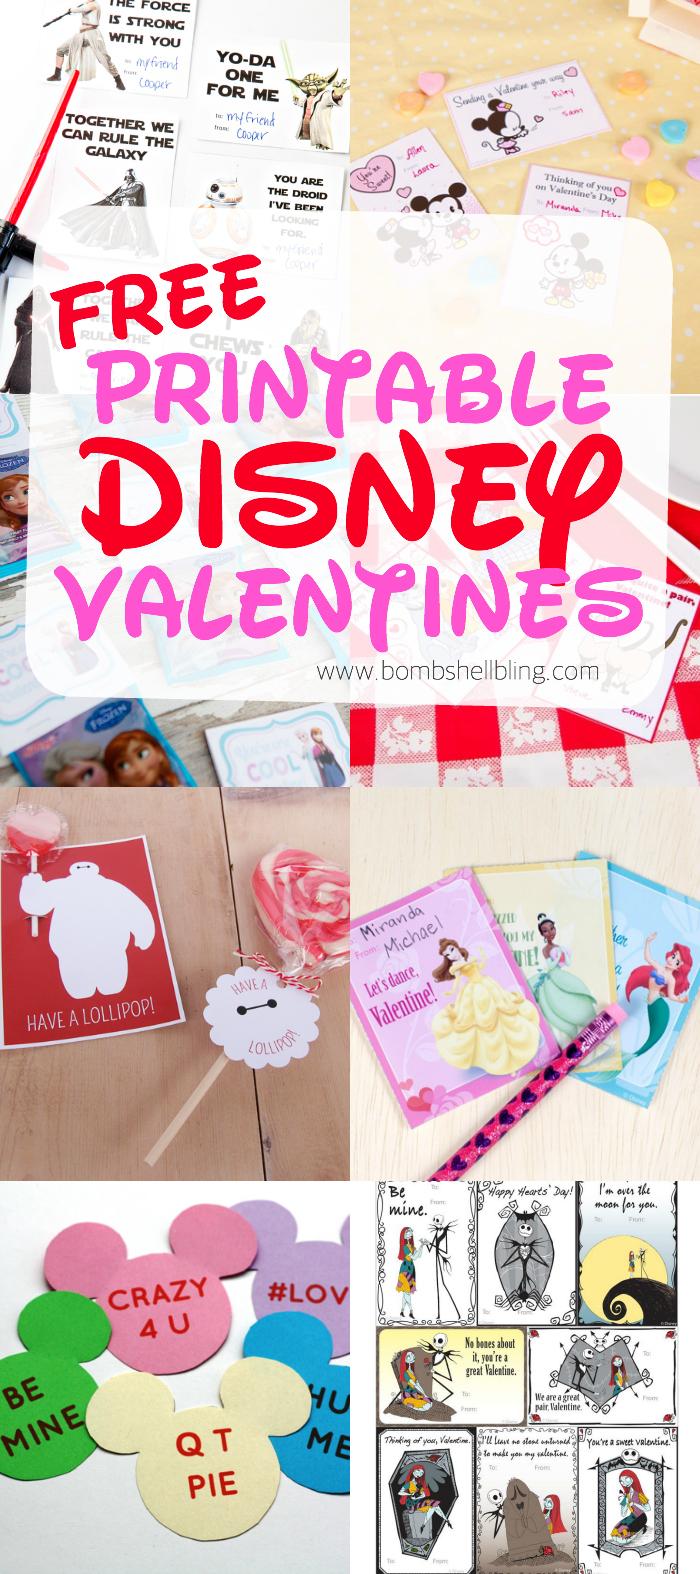 free printable disney valentines  bombshell bling